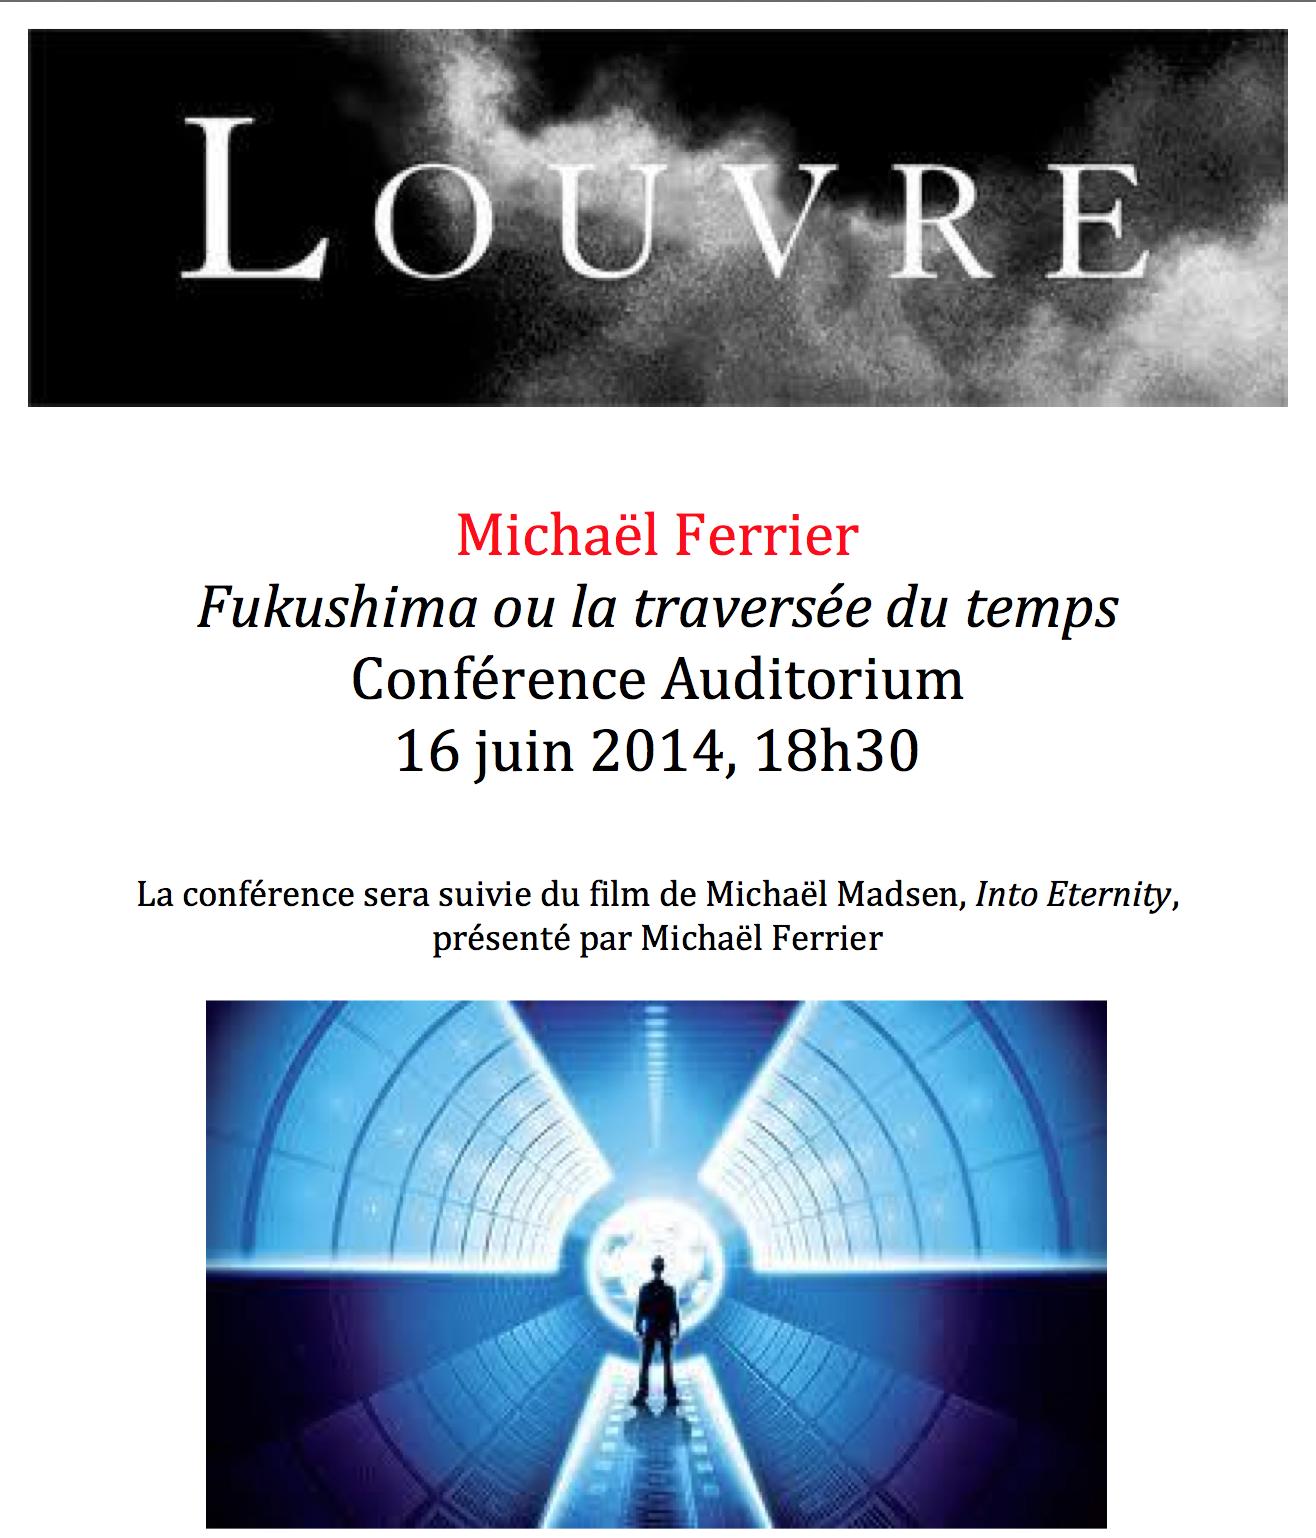 M. Ferrier au Louvre, 2014